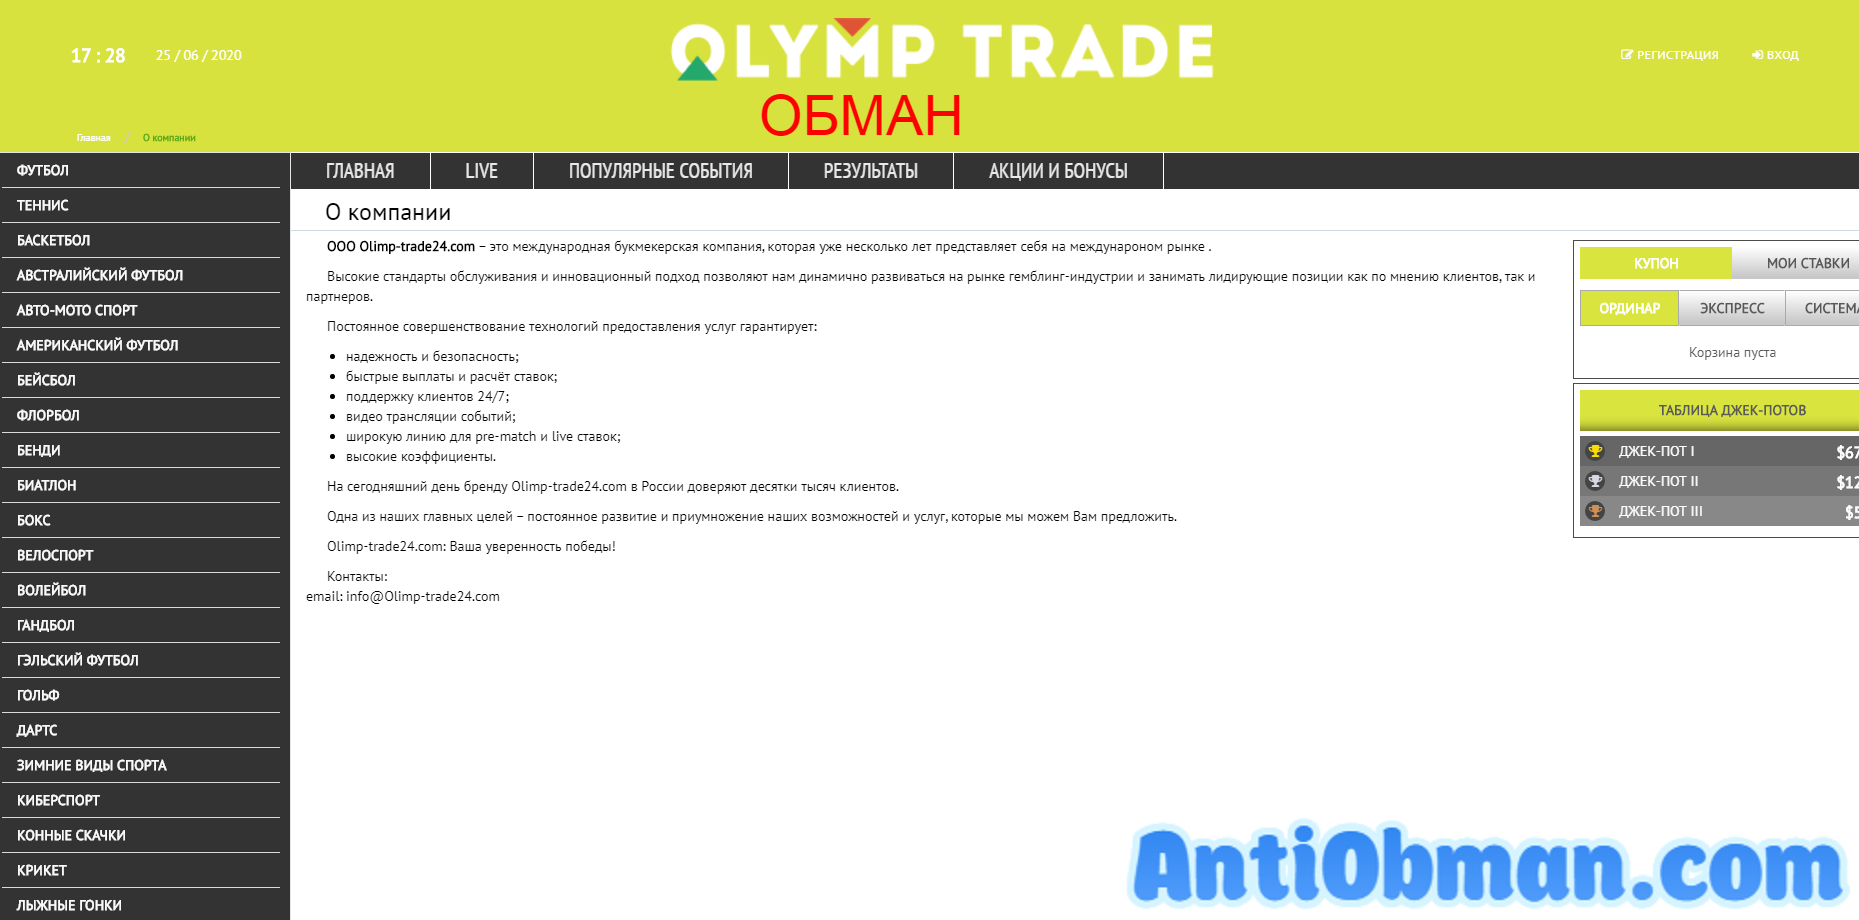 Букмекерская контора Olimp-trade24.com - проверка и отзывы